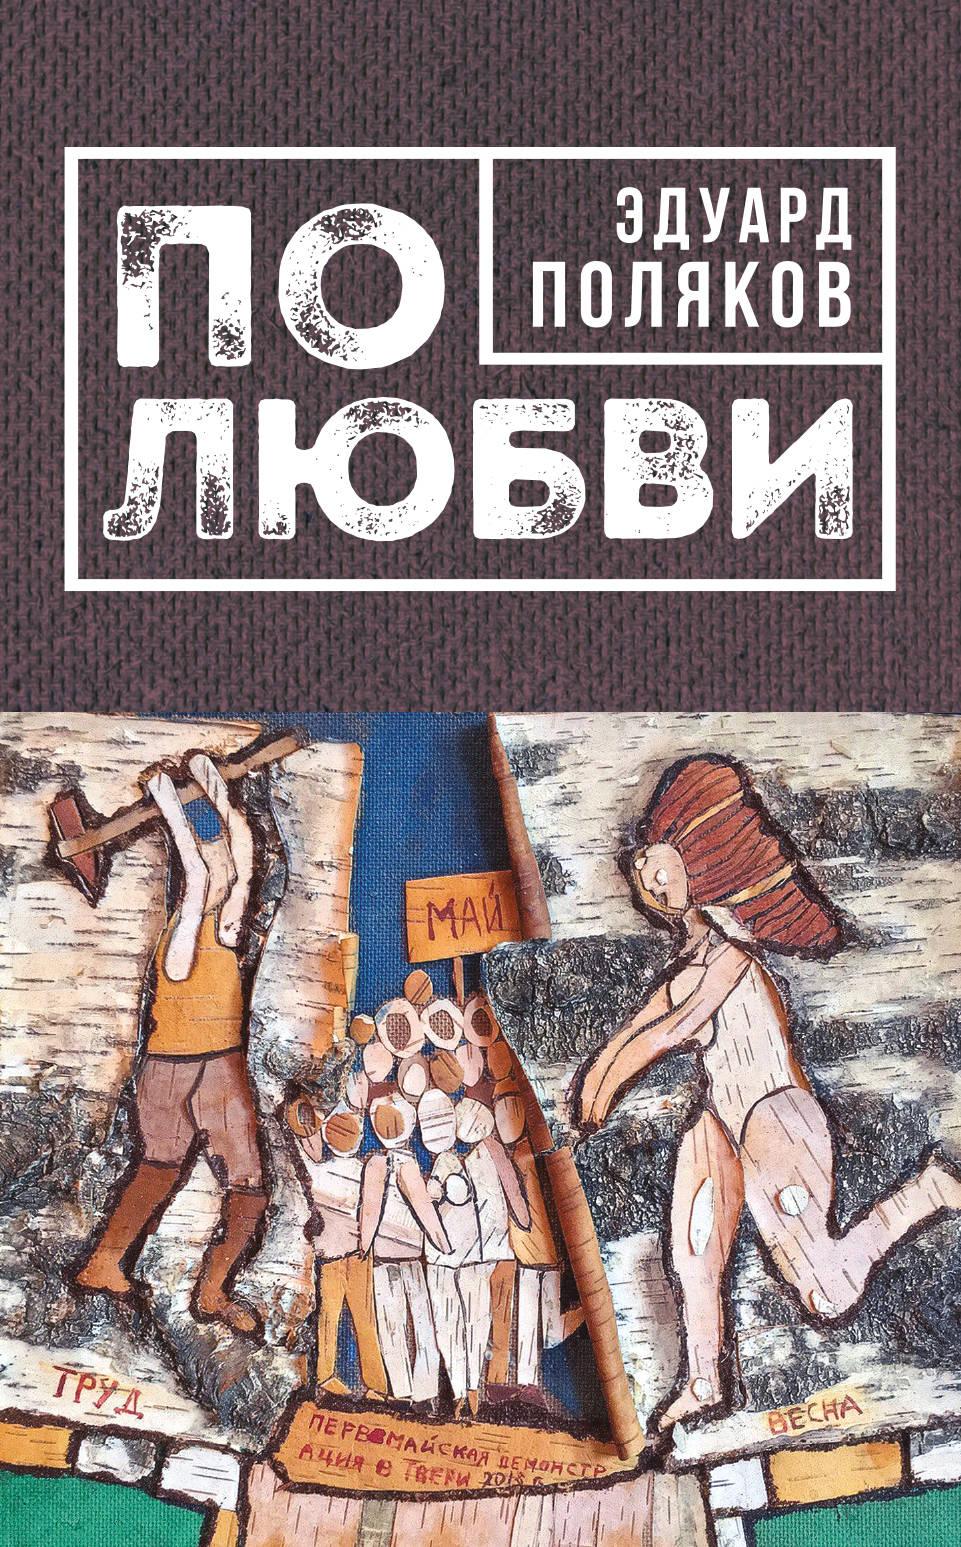 Поляков Эдуард Николаевич По любви сергеева о как научиться разбираться в людях 49 простых правил